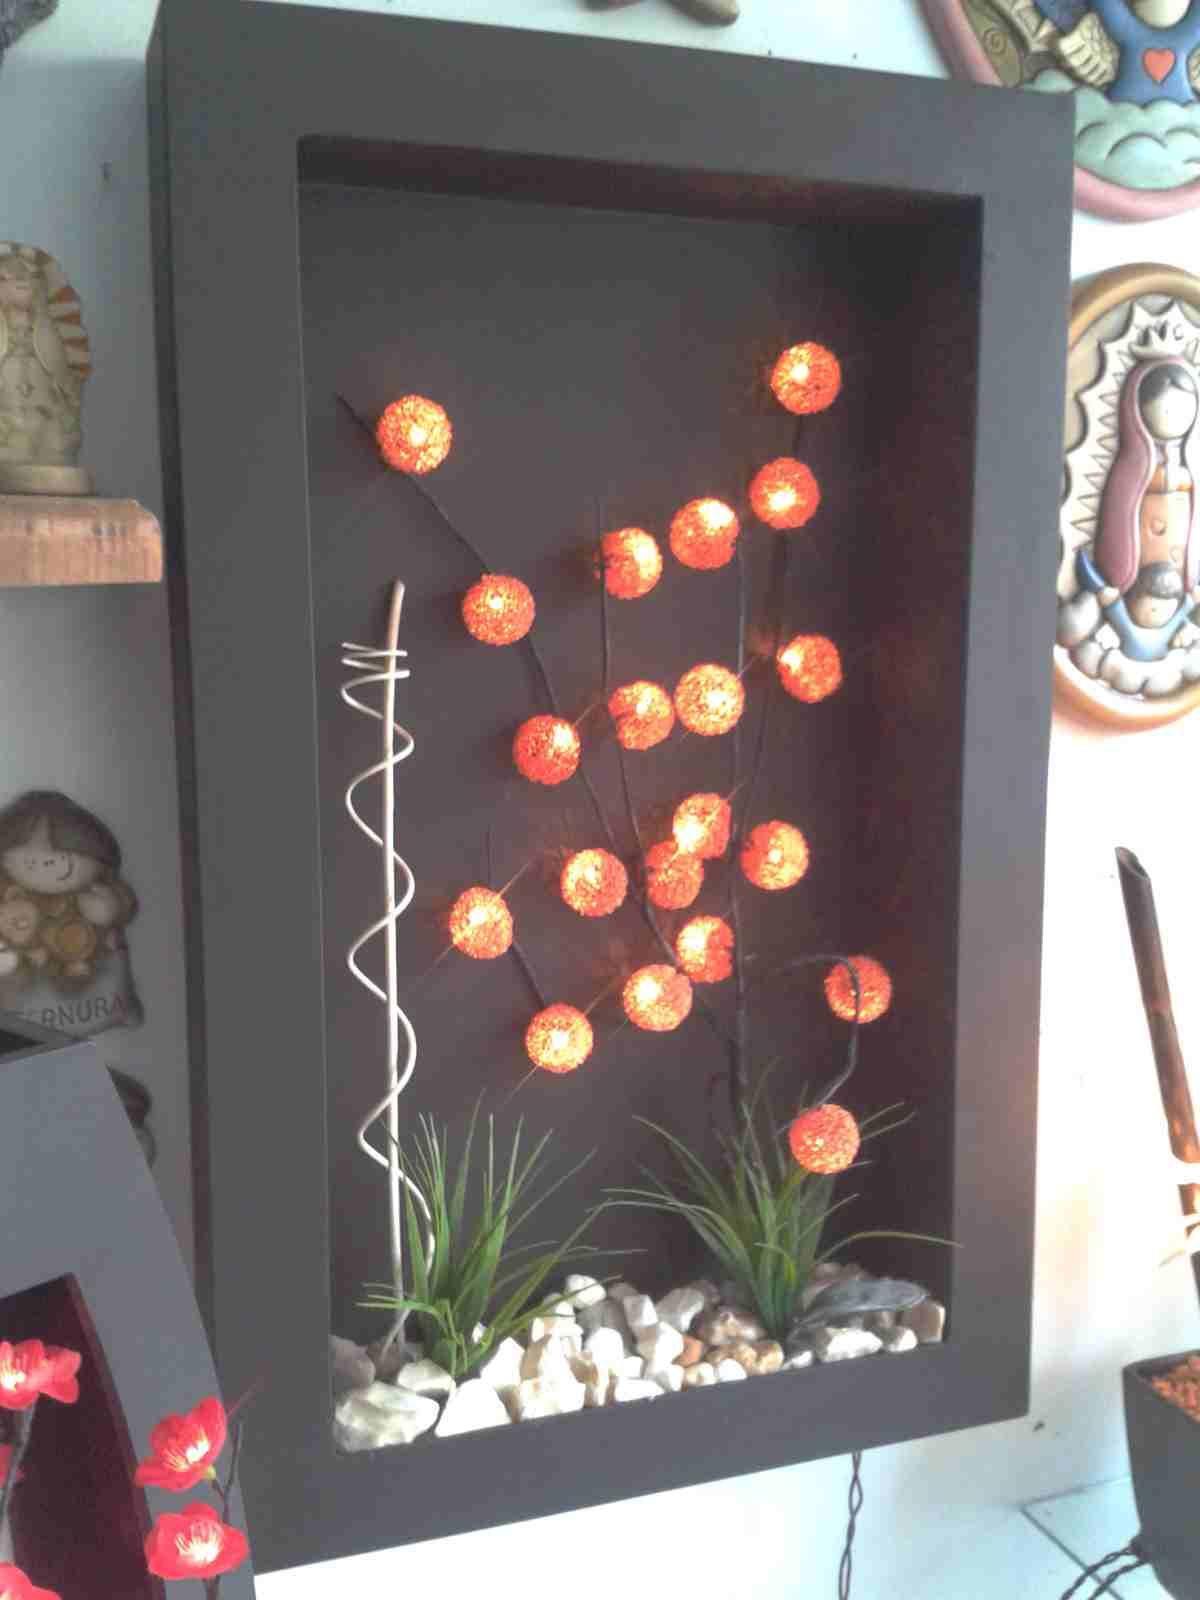 Lampara de pared con esferas de leds y decoraci n con - Decoracion con lamparas ...